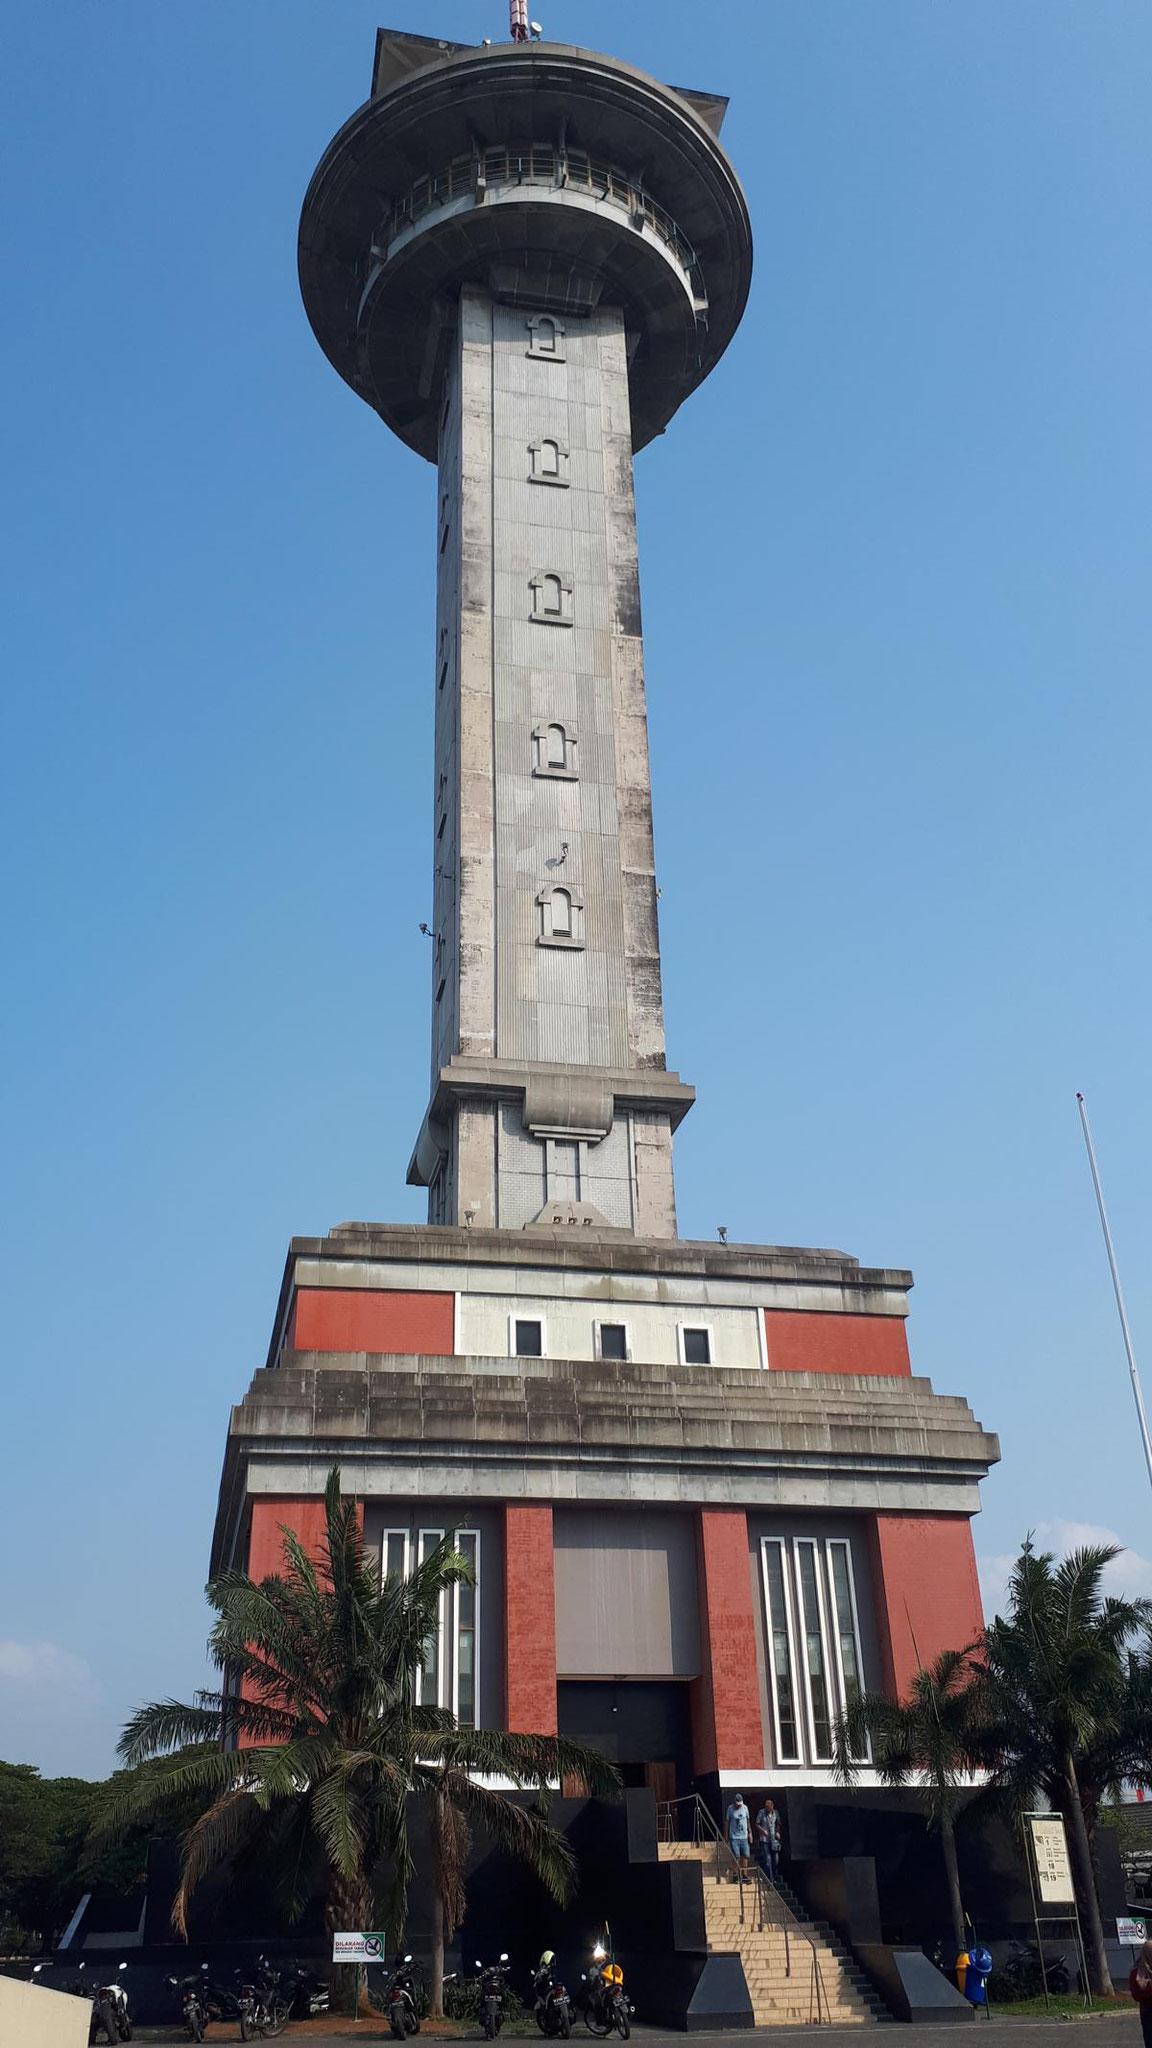 Asmaul Husna Tower - neben der Moschee